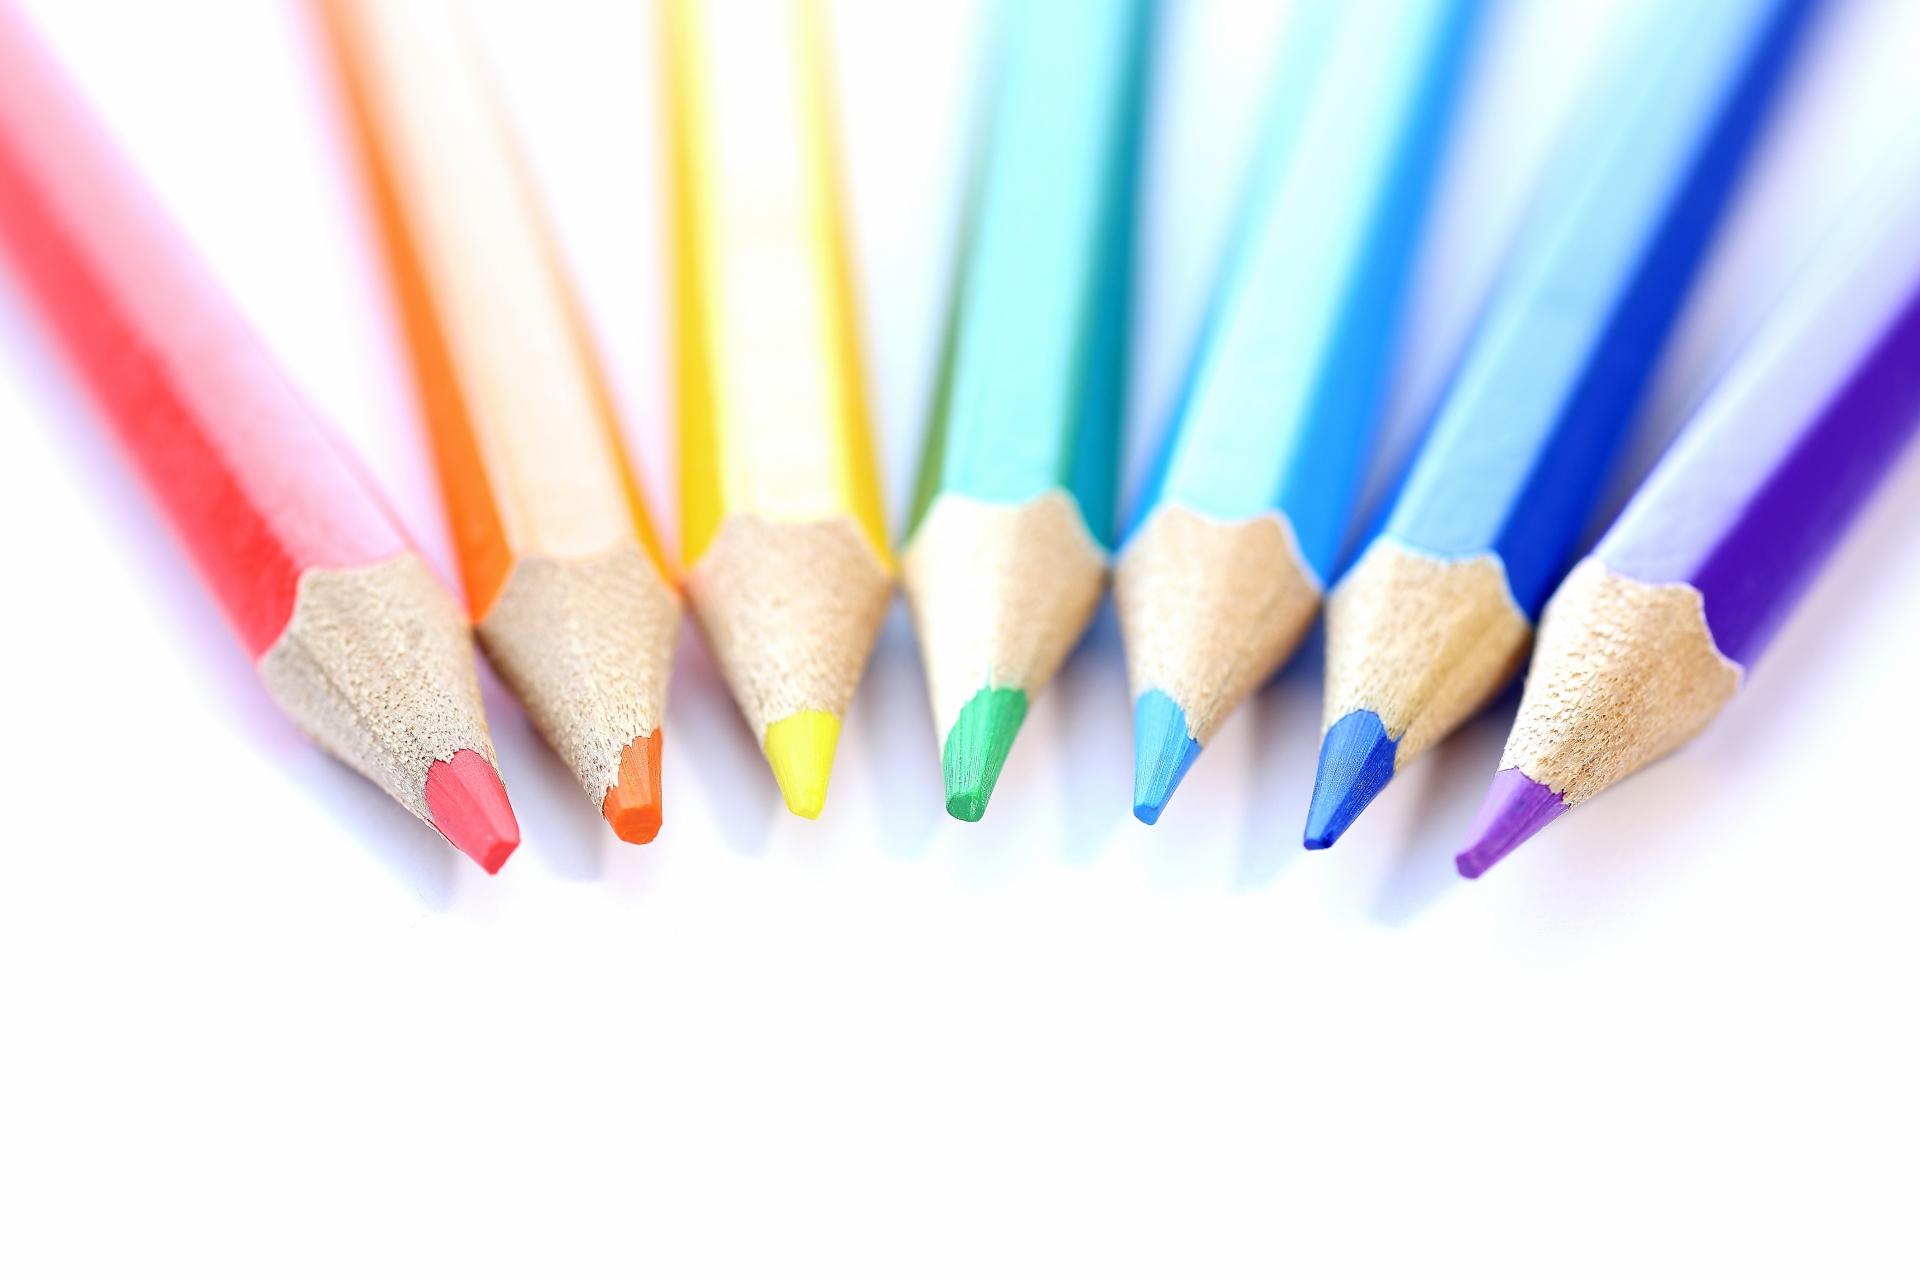 虹色の色えんぴつ